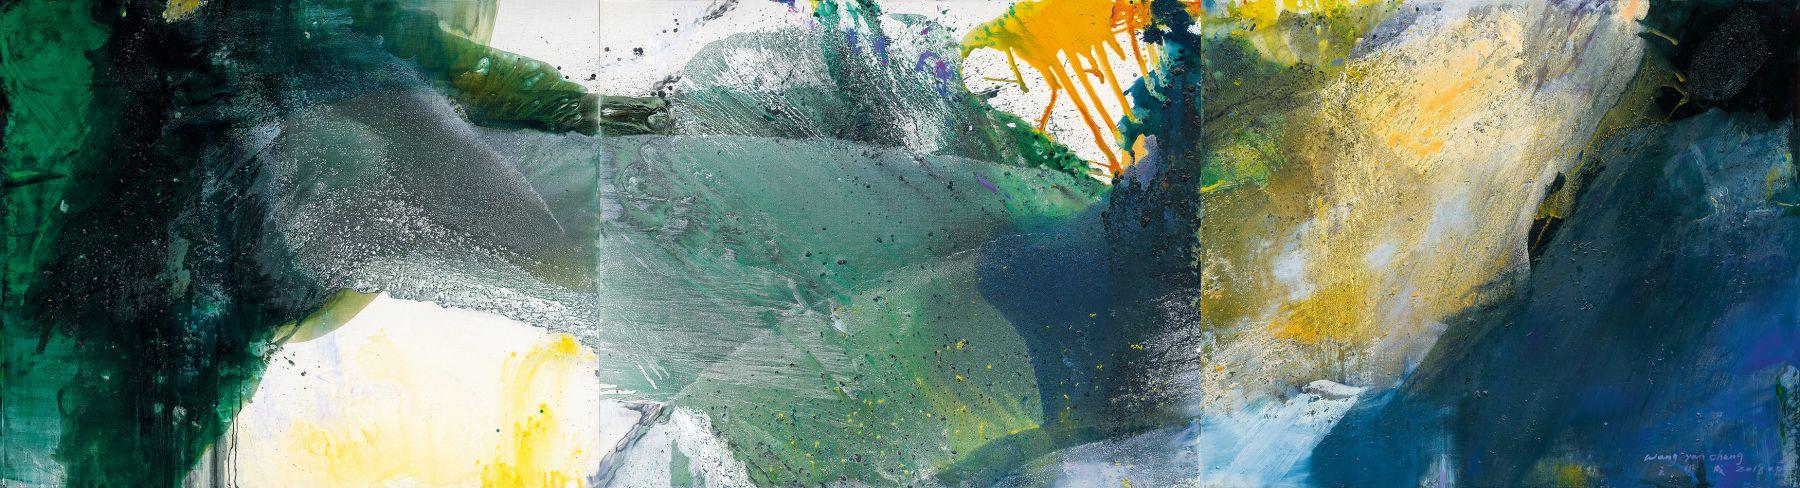 Wang Yan Cheng, Untitled (Triptych), 2019